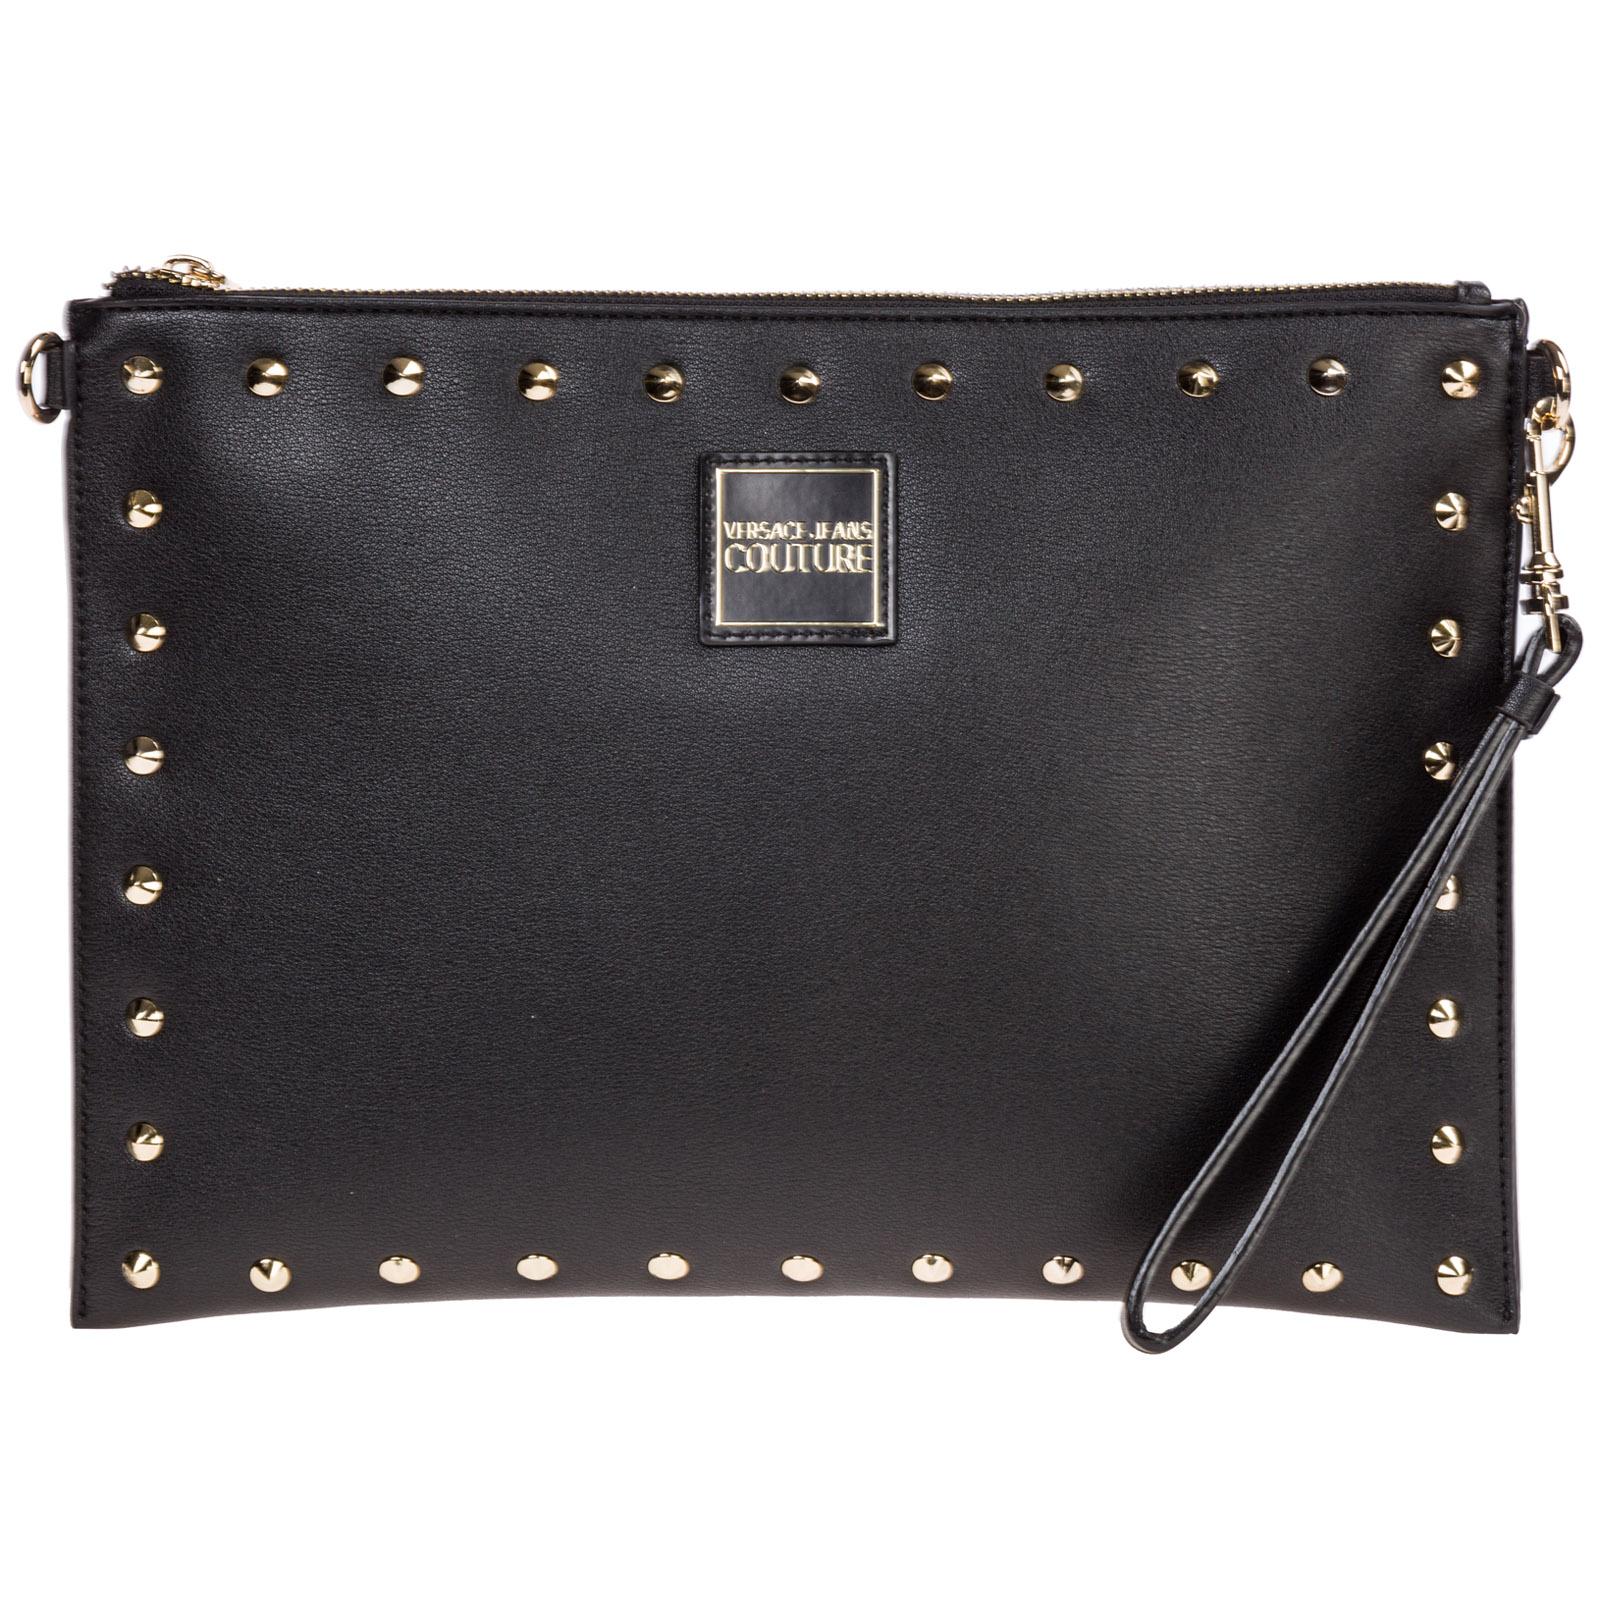 0be84e0c27176 Clutches - Bags - Women | FRMODA.com